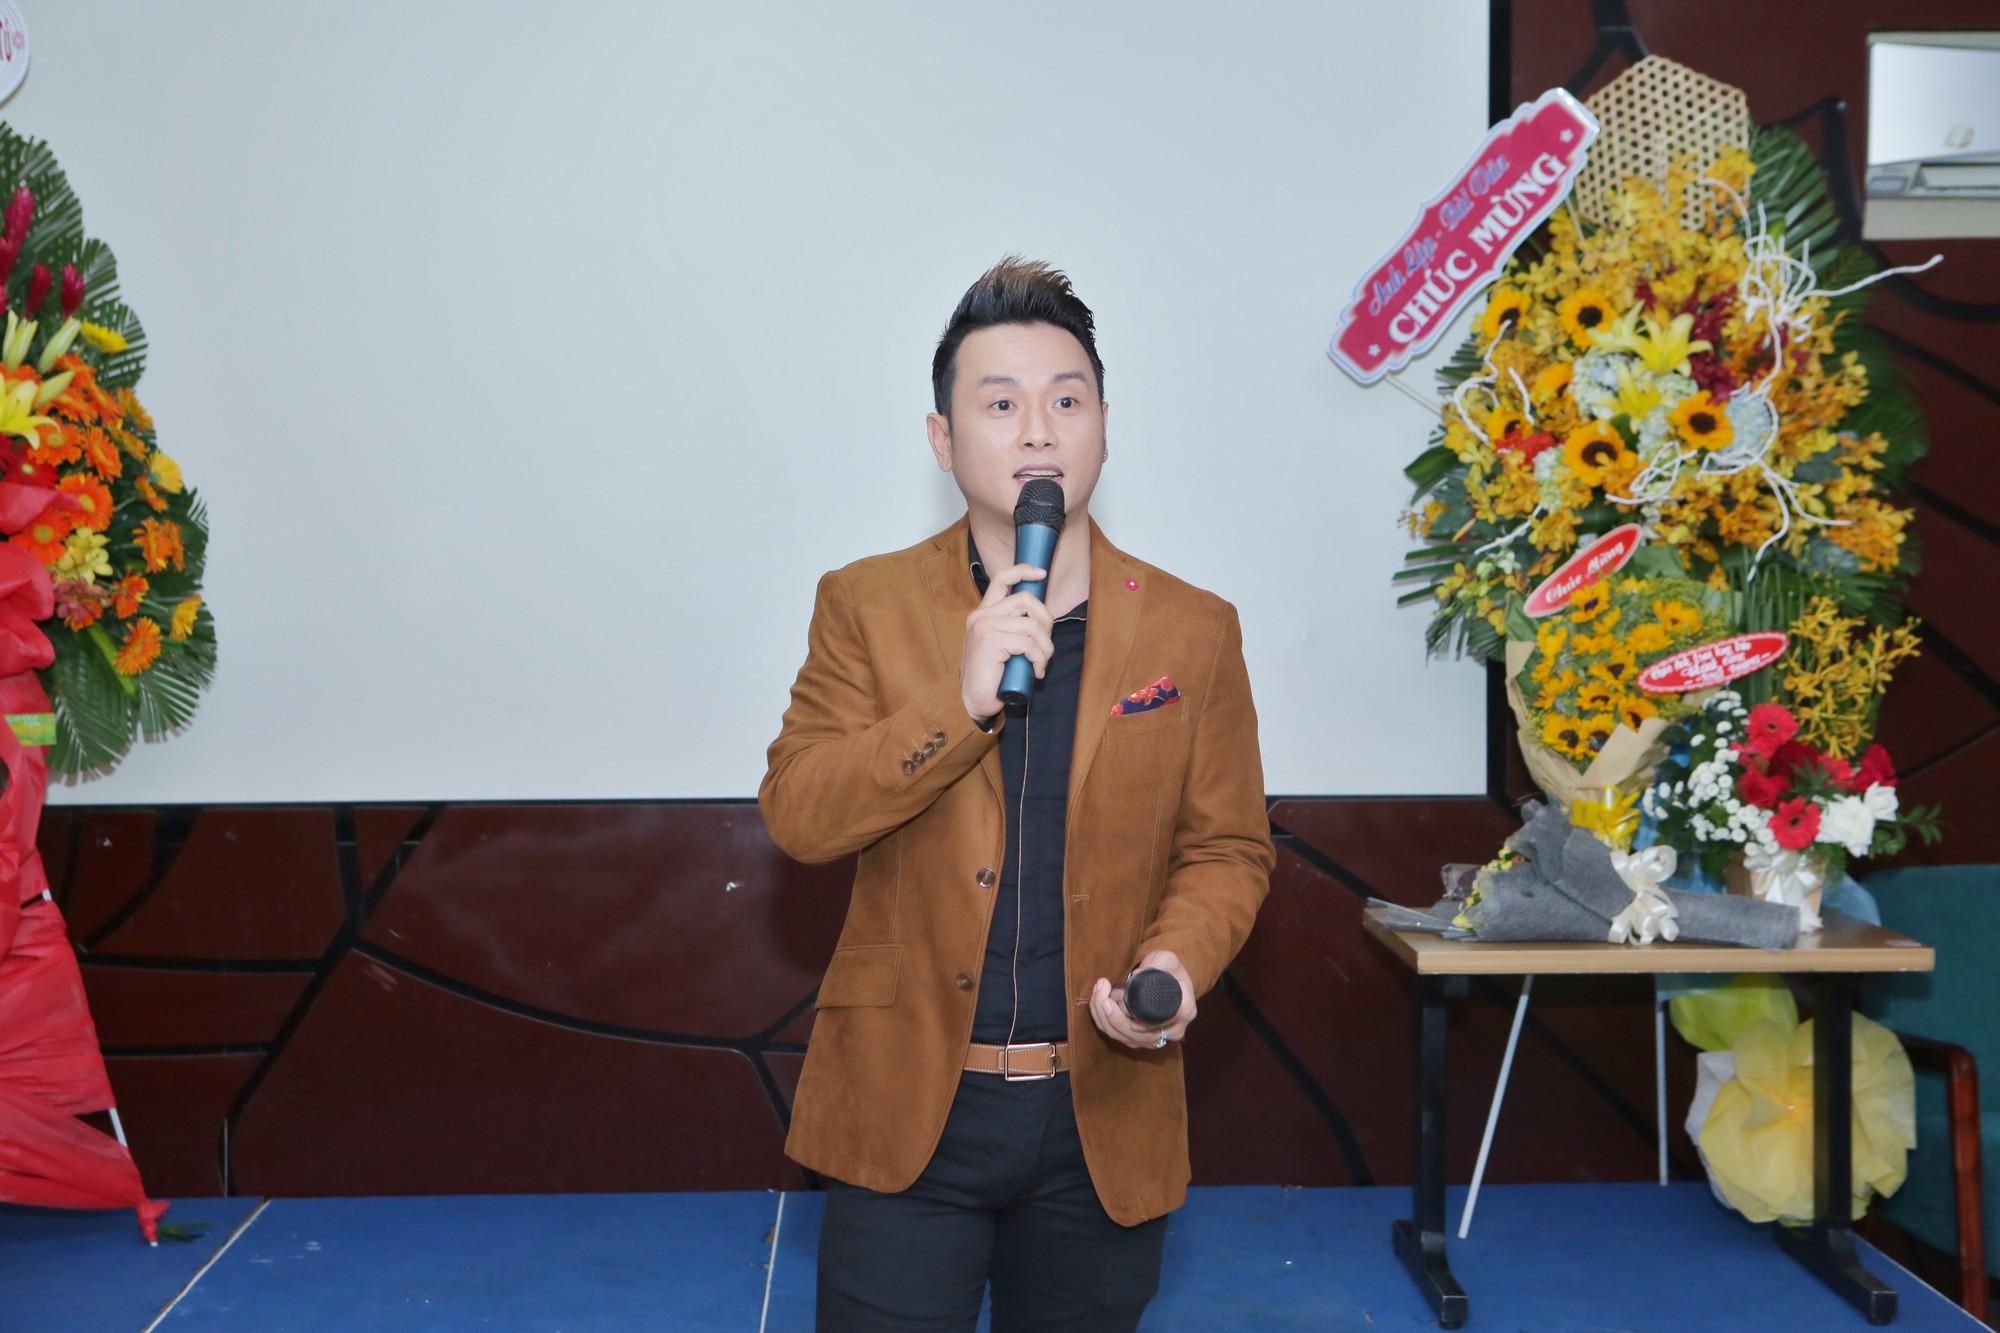 Hàn Thái Tú lần đầu hát nhạc Bolero, kiên quyết ra album dạng CD dù biết bán không có lời - Ảnh 1.